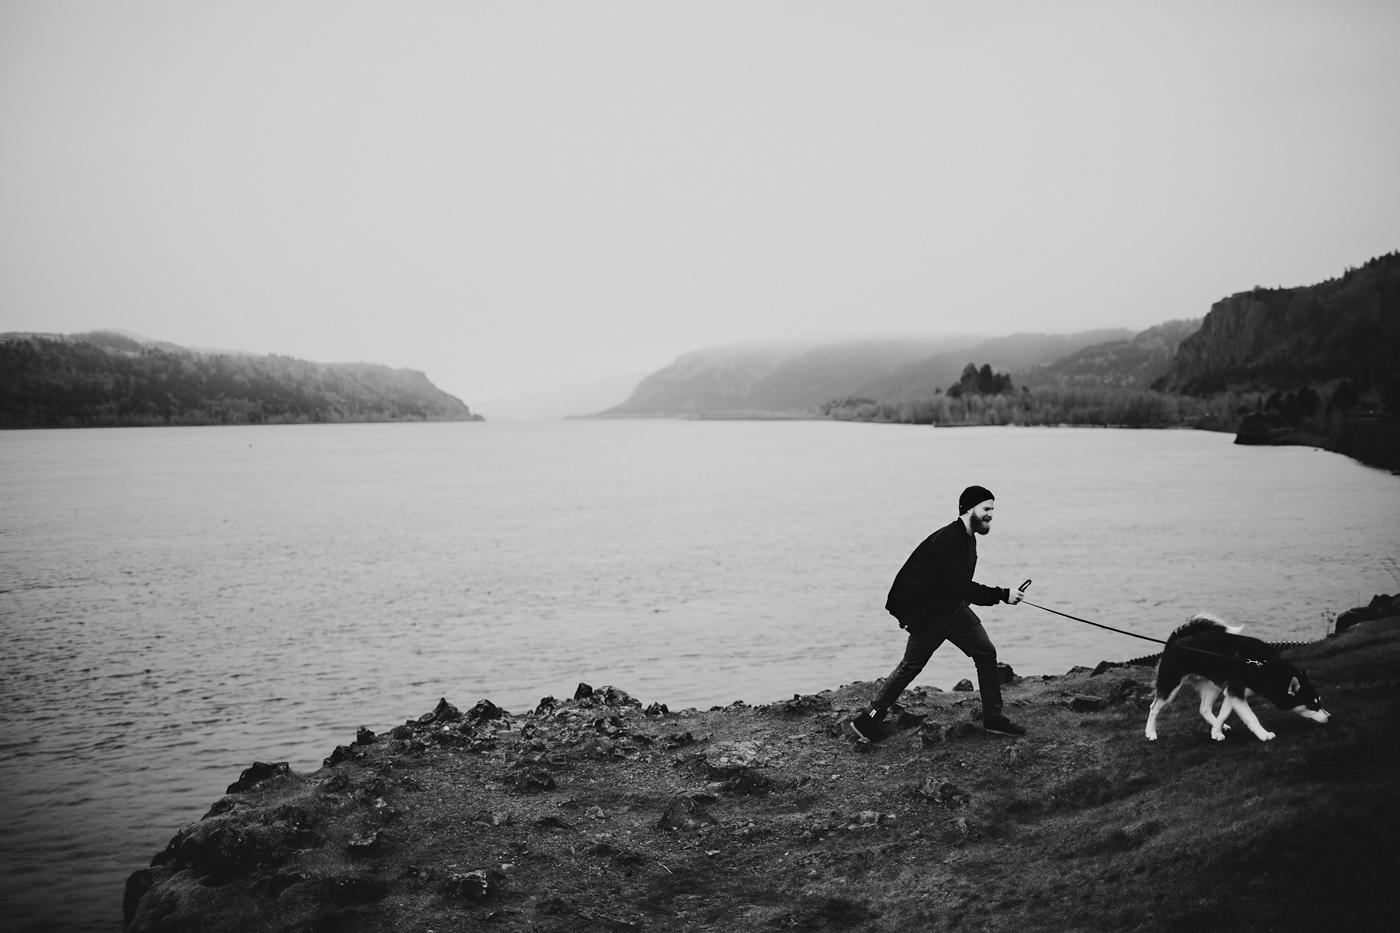 Man walks dog in foggy portland